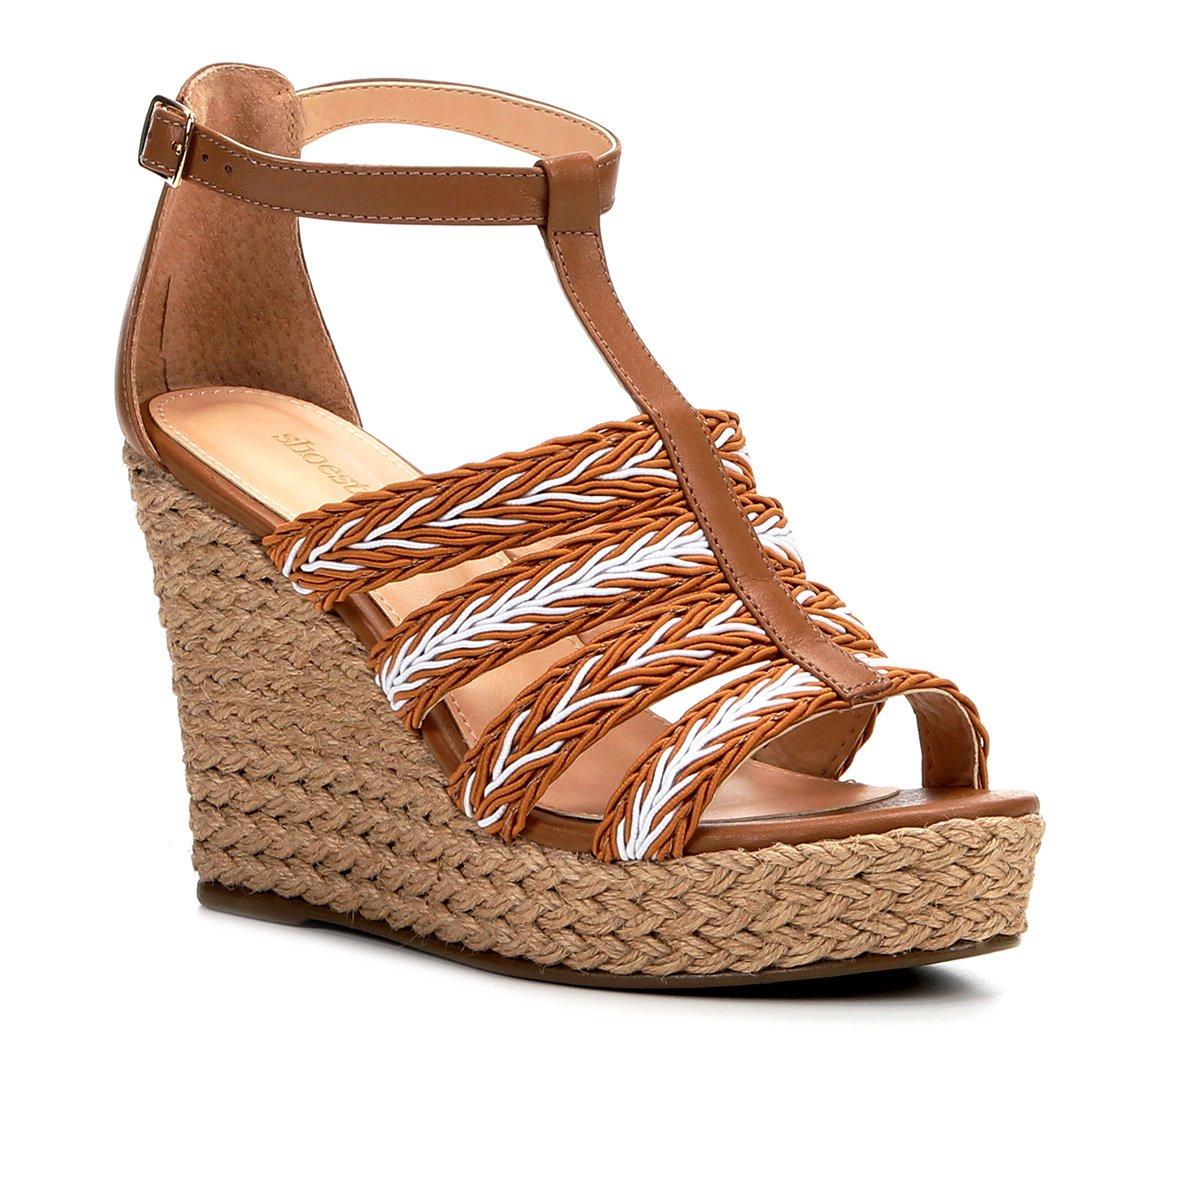 Tranças Sandália Plataforma White E Feminina Caramelo Shoestock Off Couro zqpGVMSU